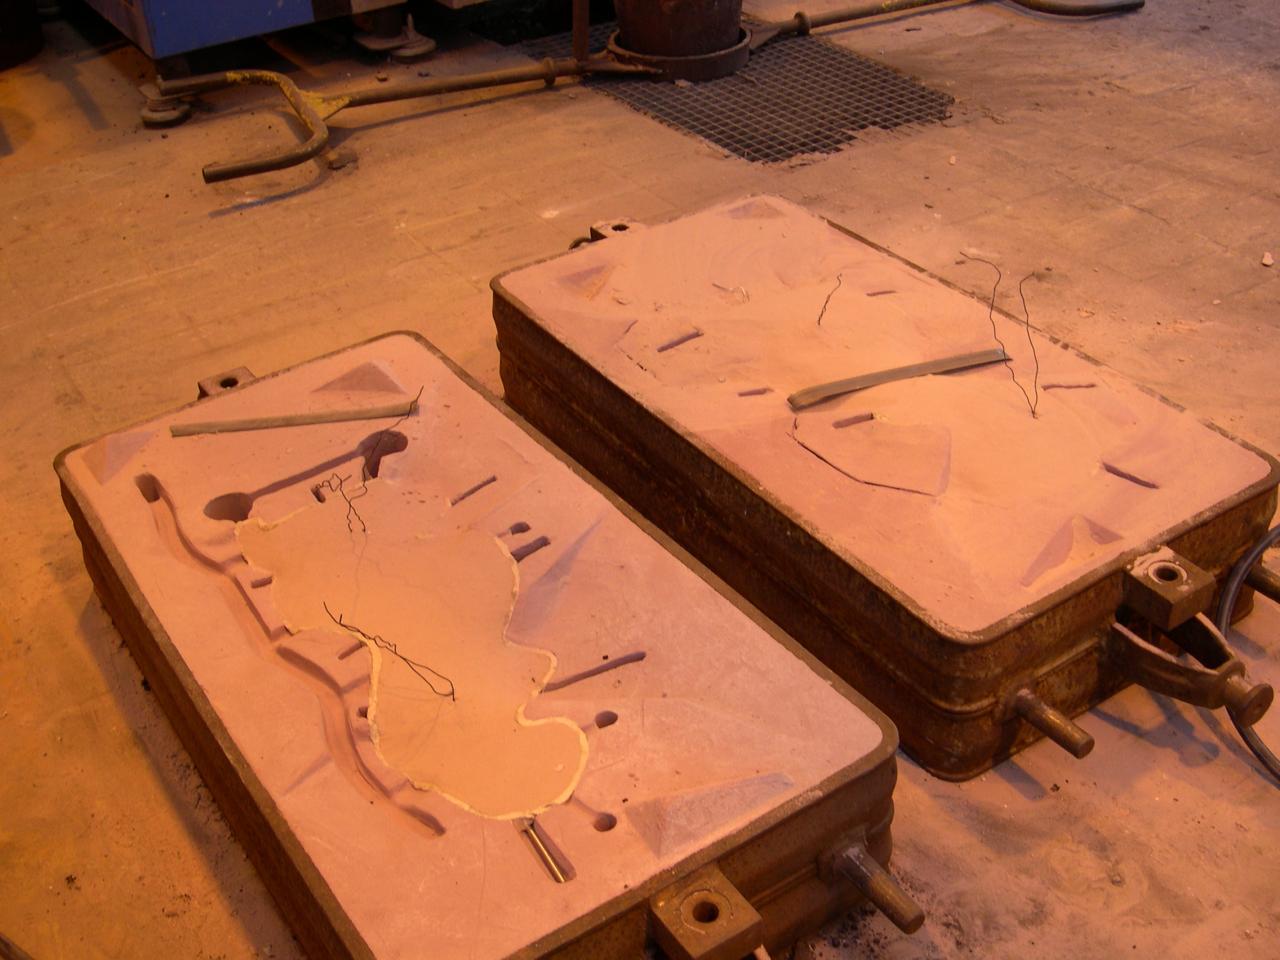 remplir l'emprunte de sable chimique